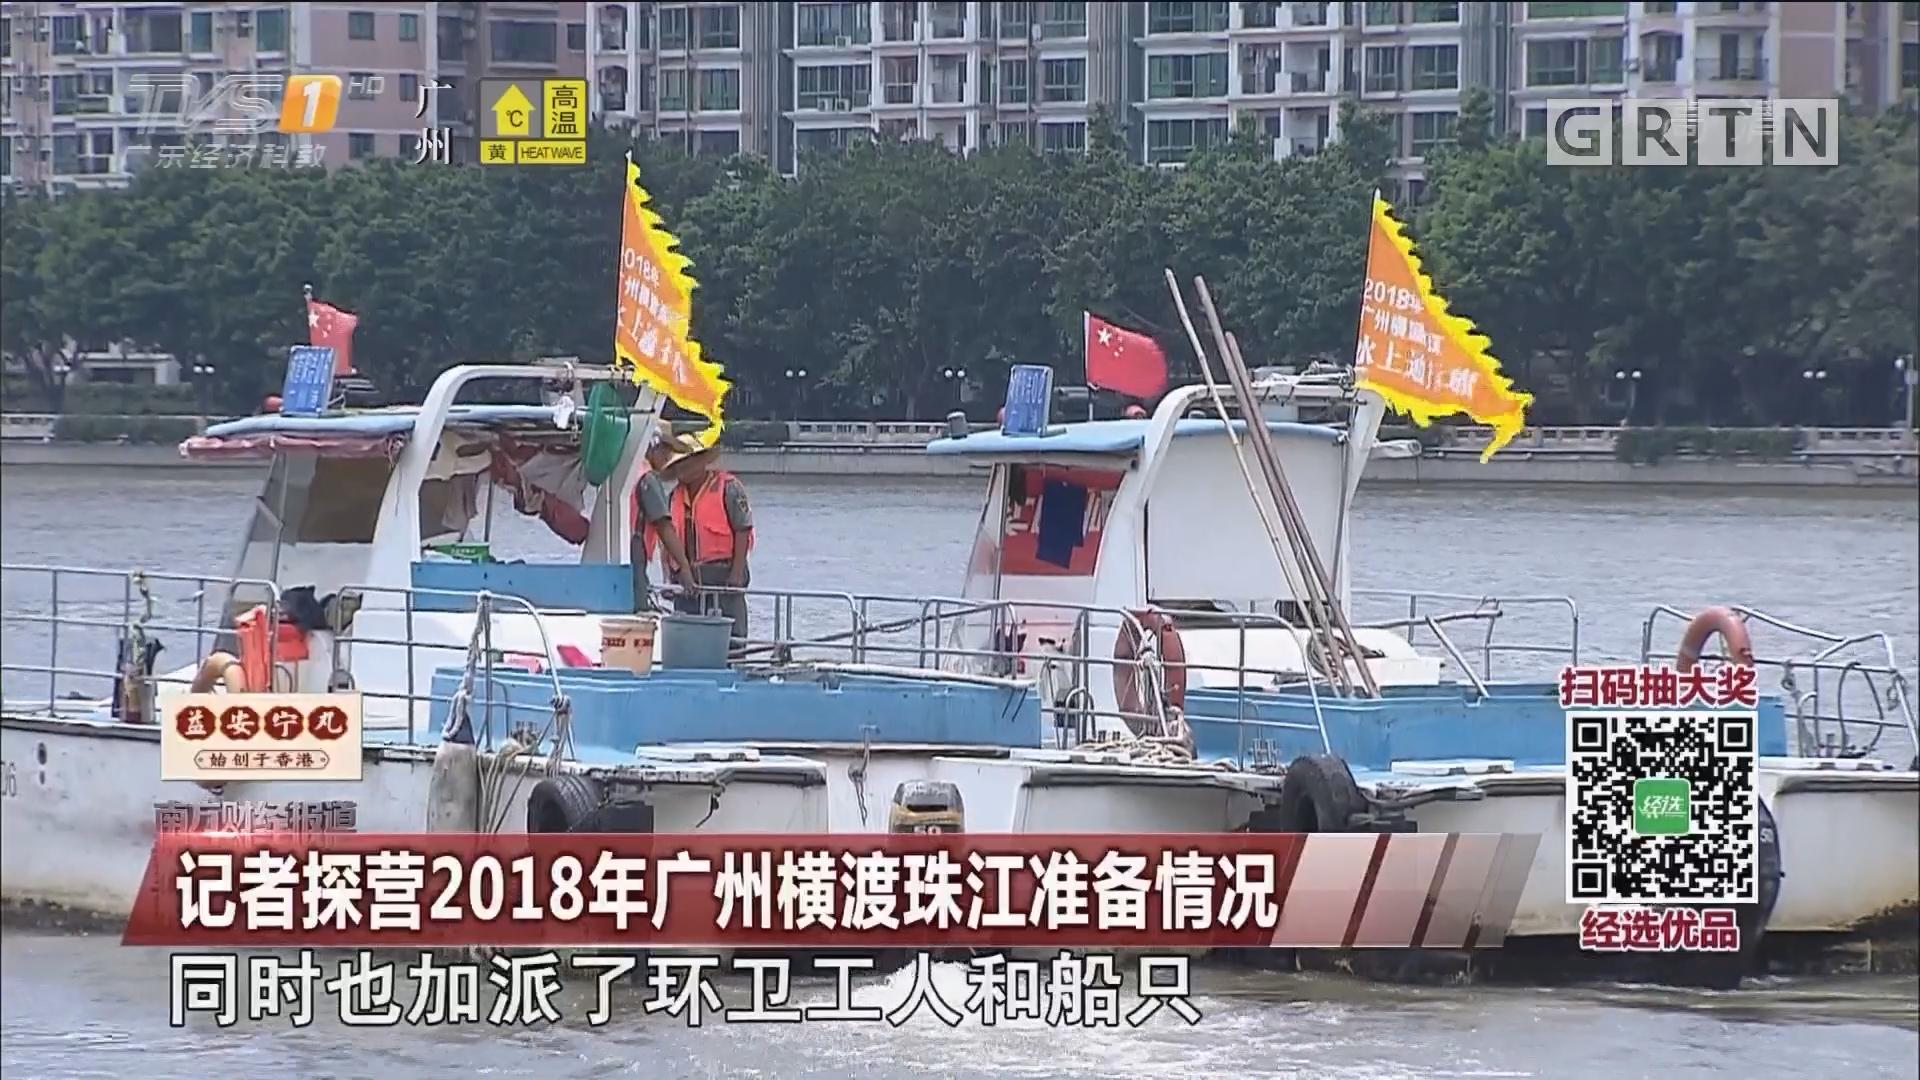 记者探营2018年广州横渡珠江准备情况